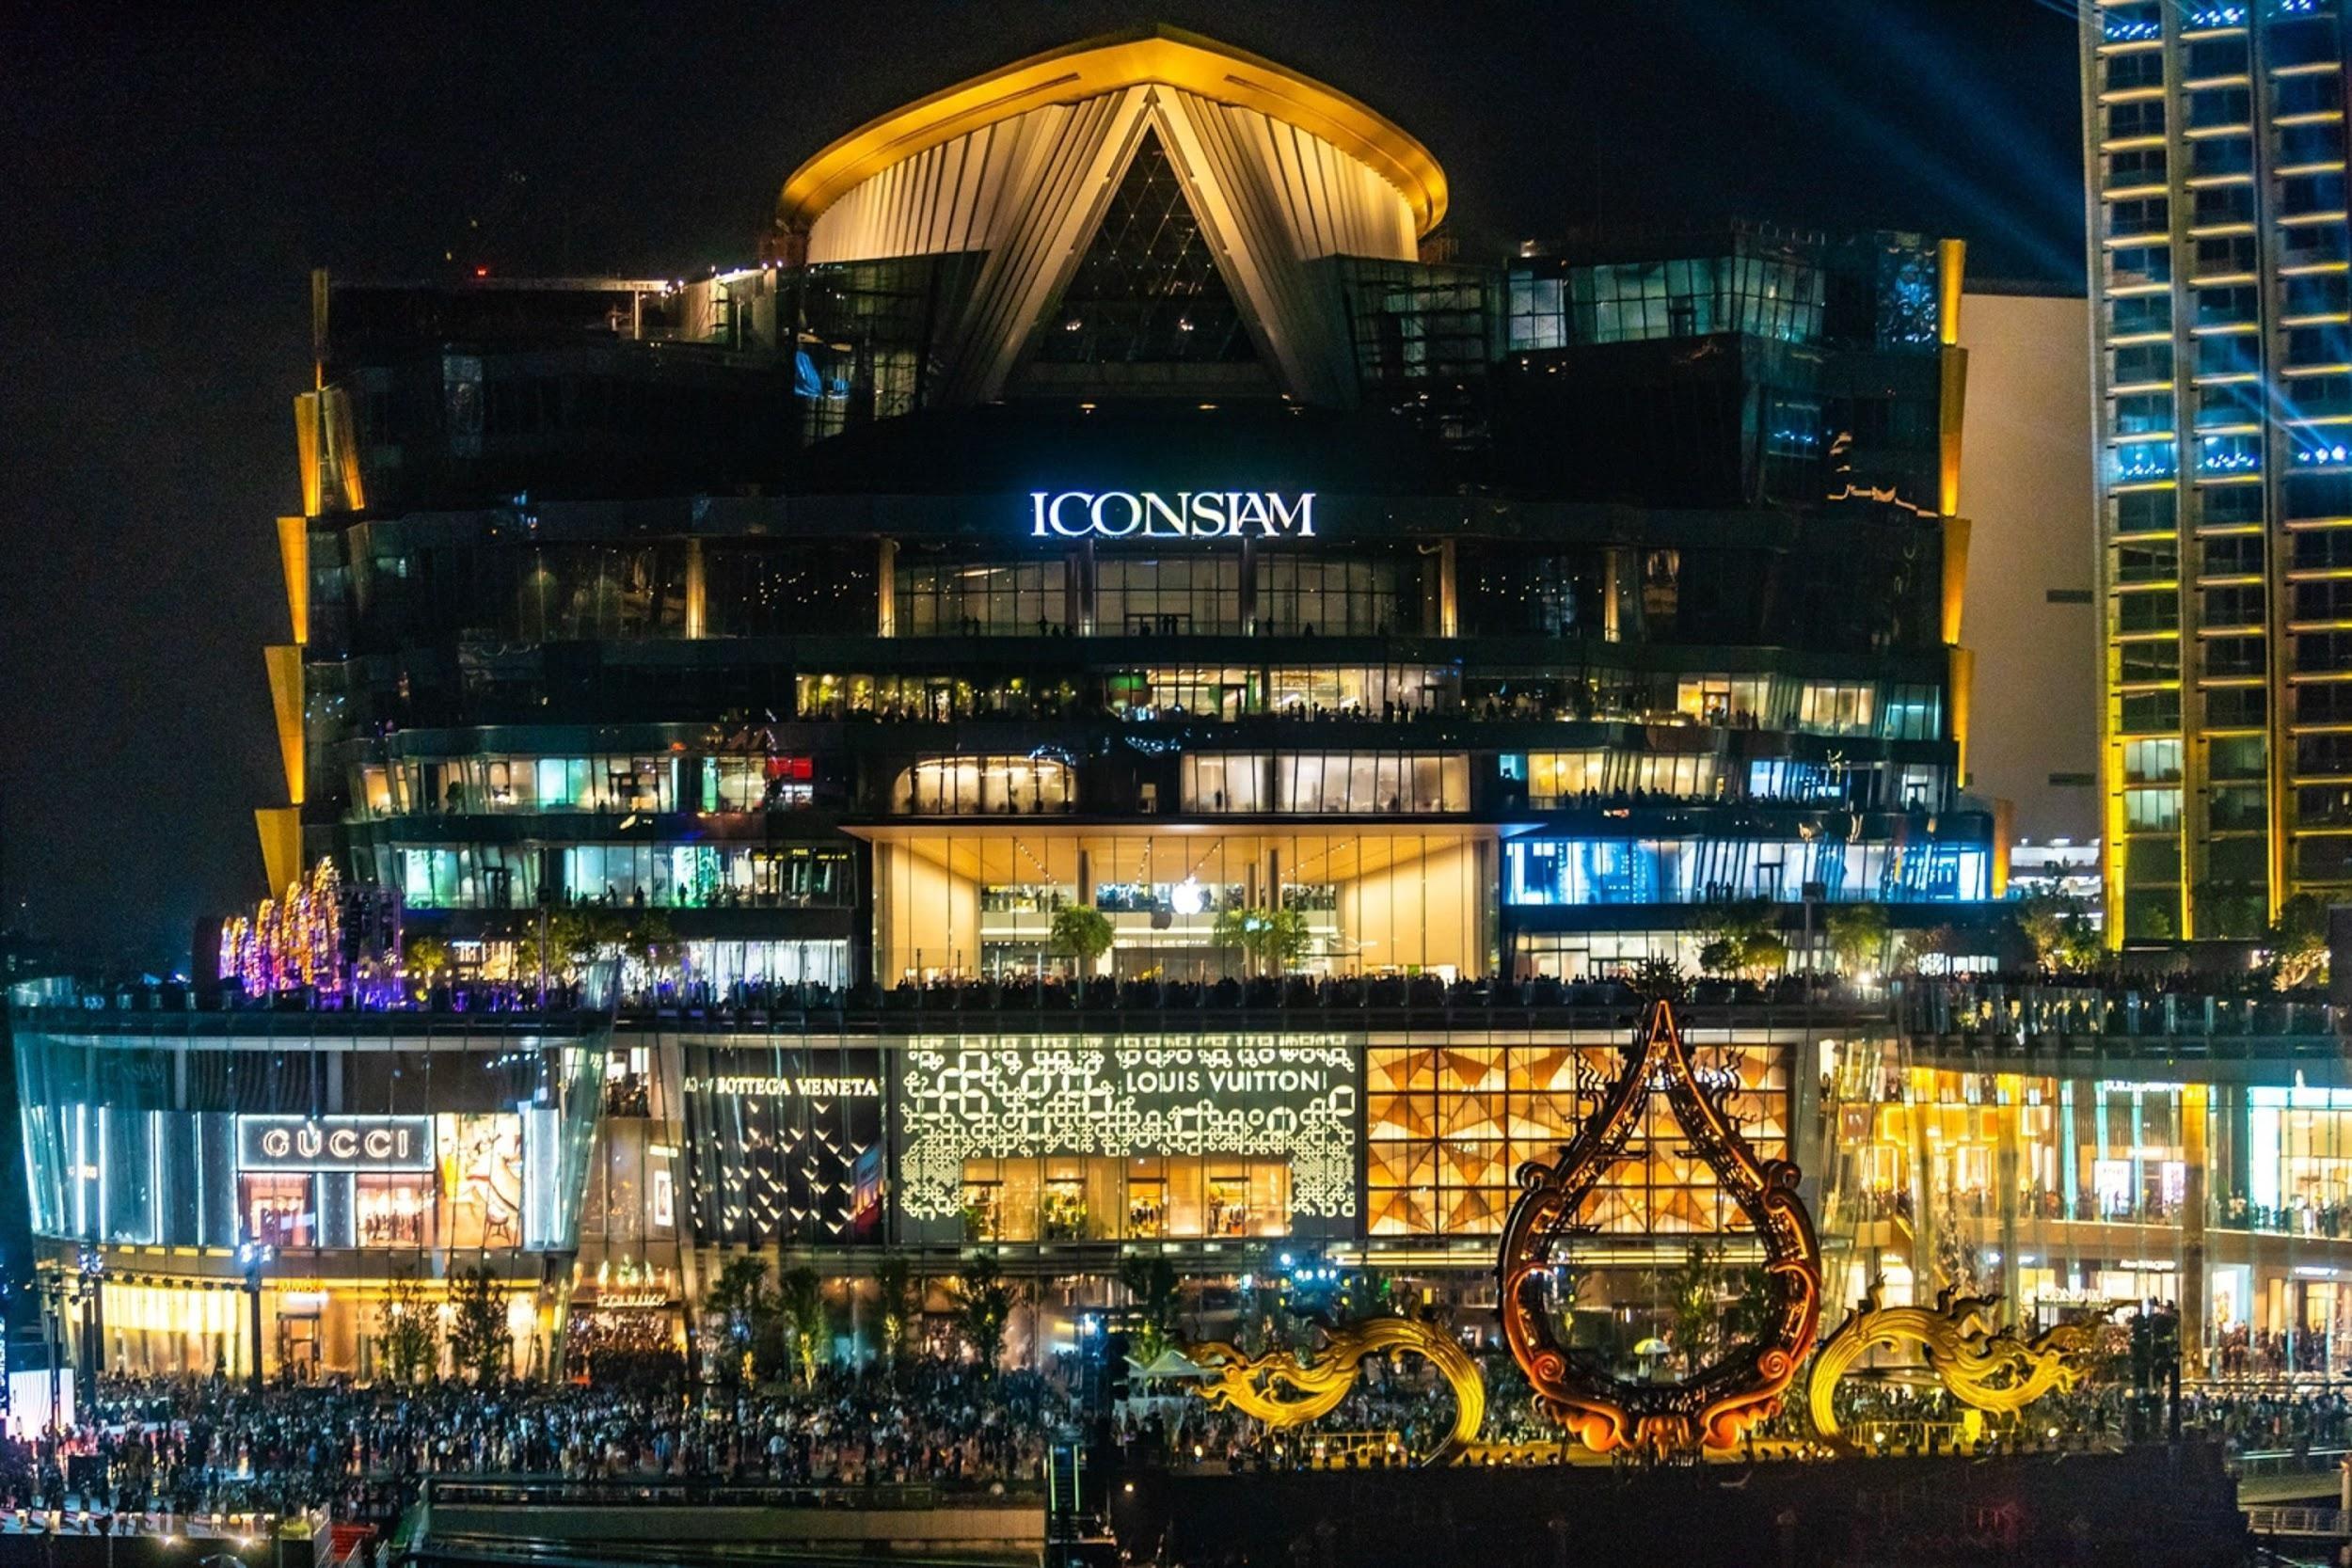 Khu Icon Siam nhộn nhịp khi về đêm